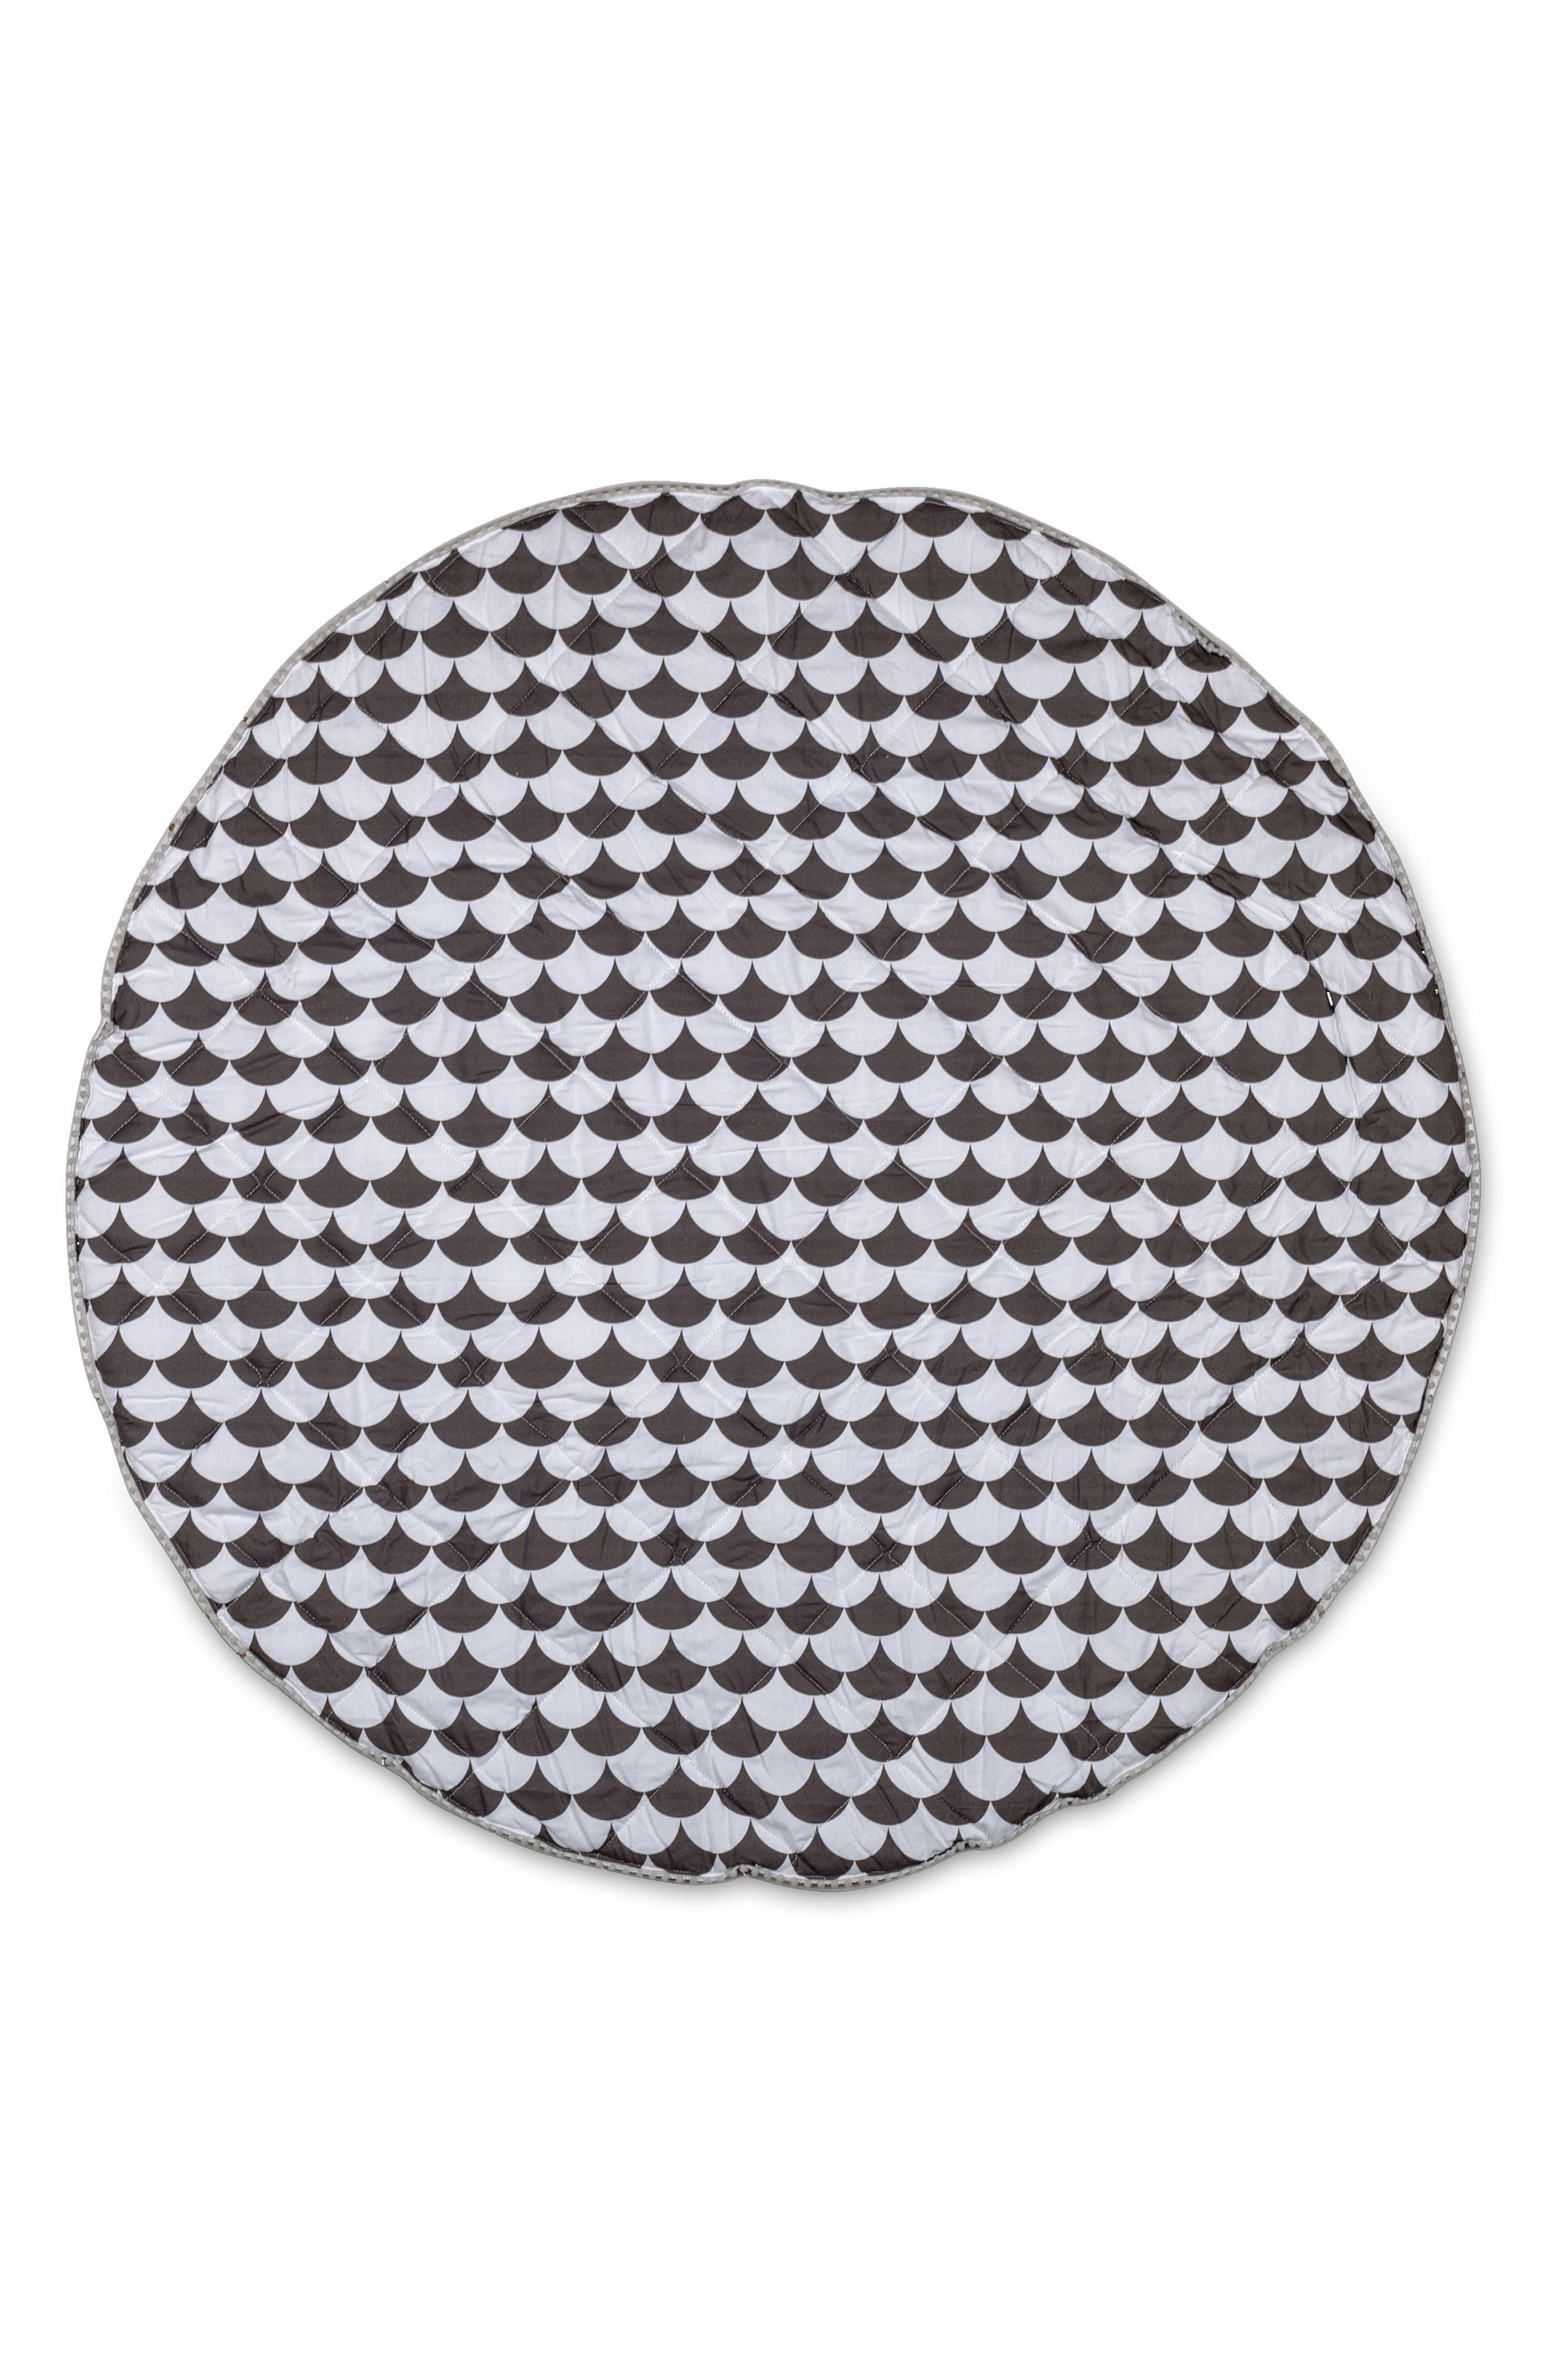 Main Image - Living Textiles Kayden Play Mat